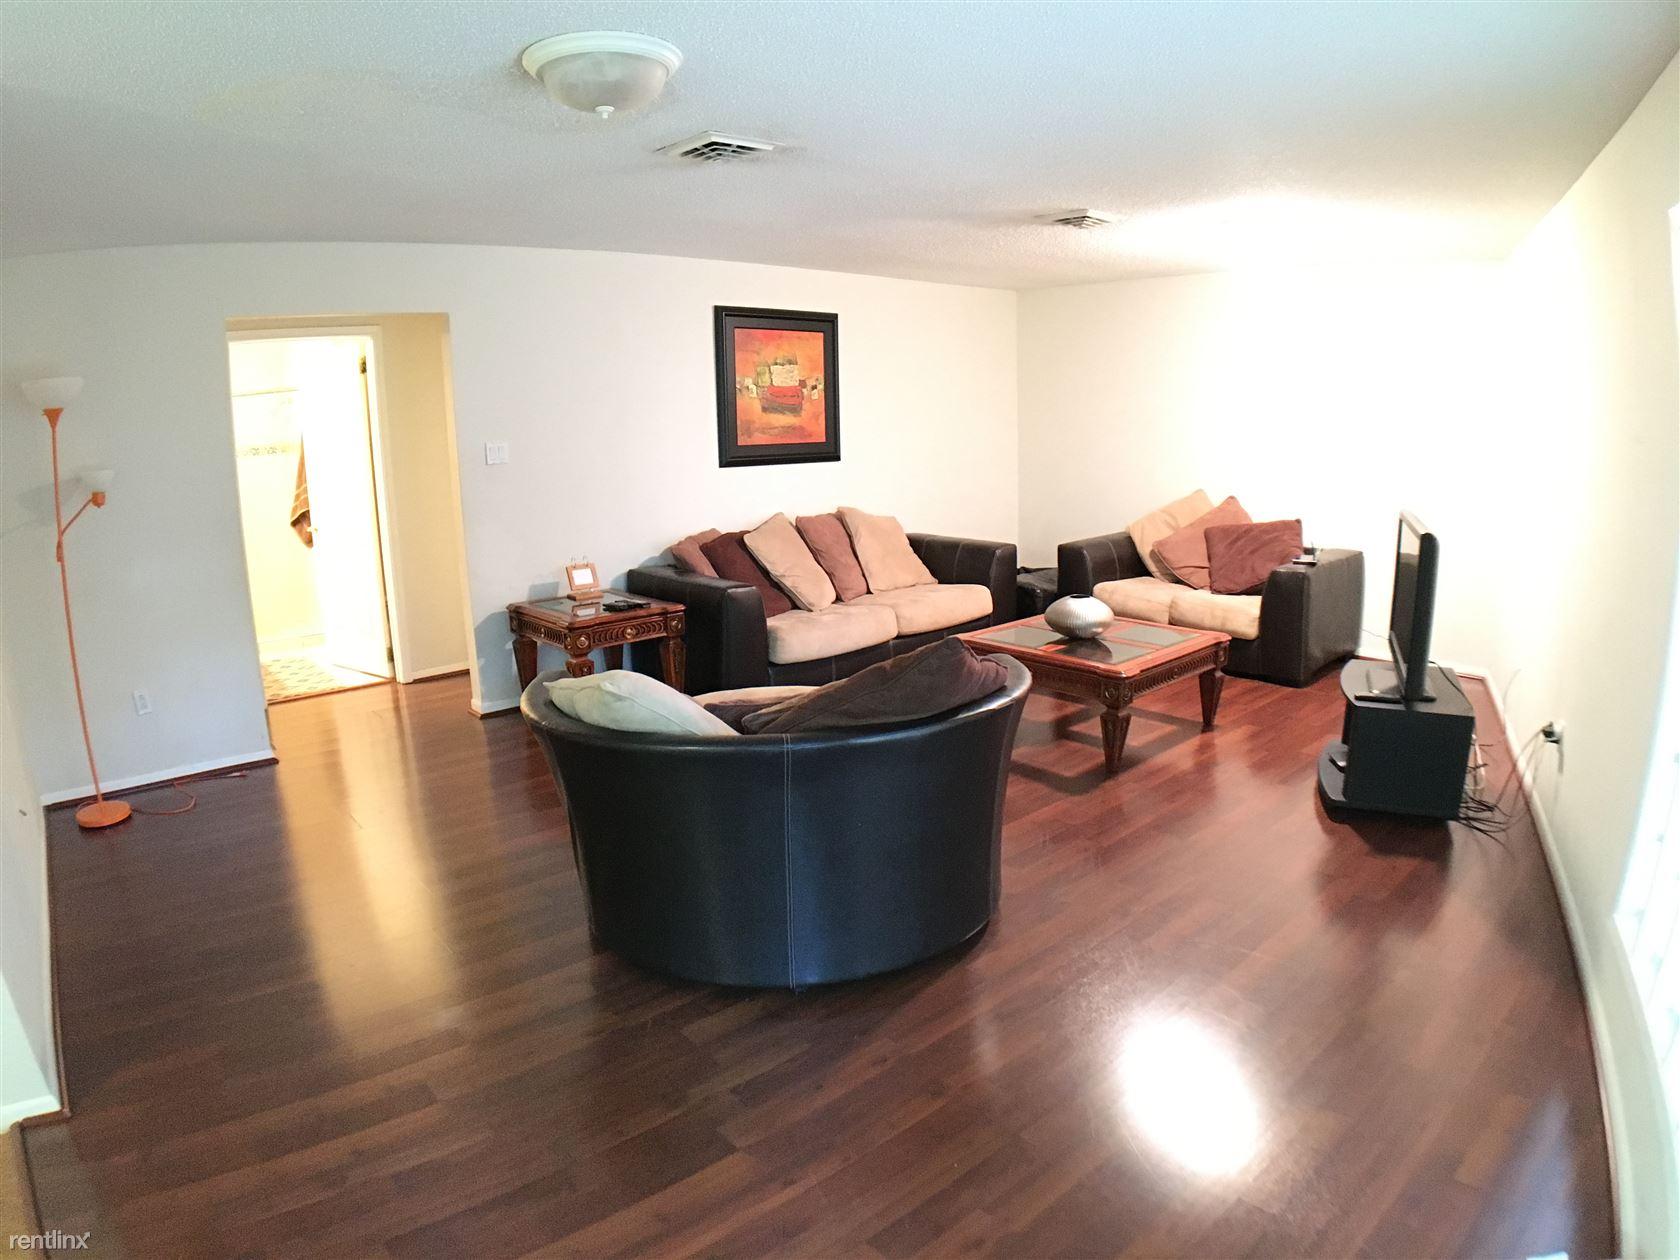 600 W Fern Ave Apt 19, Mcallen, TX - $1,050